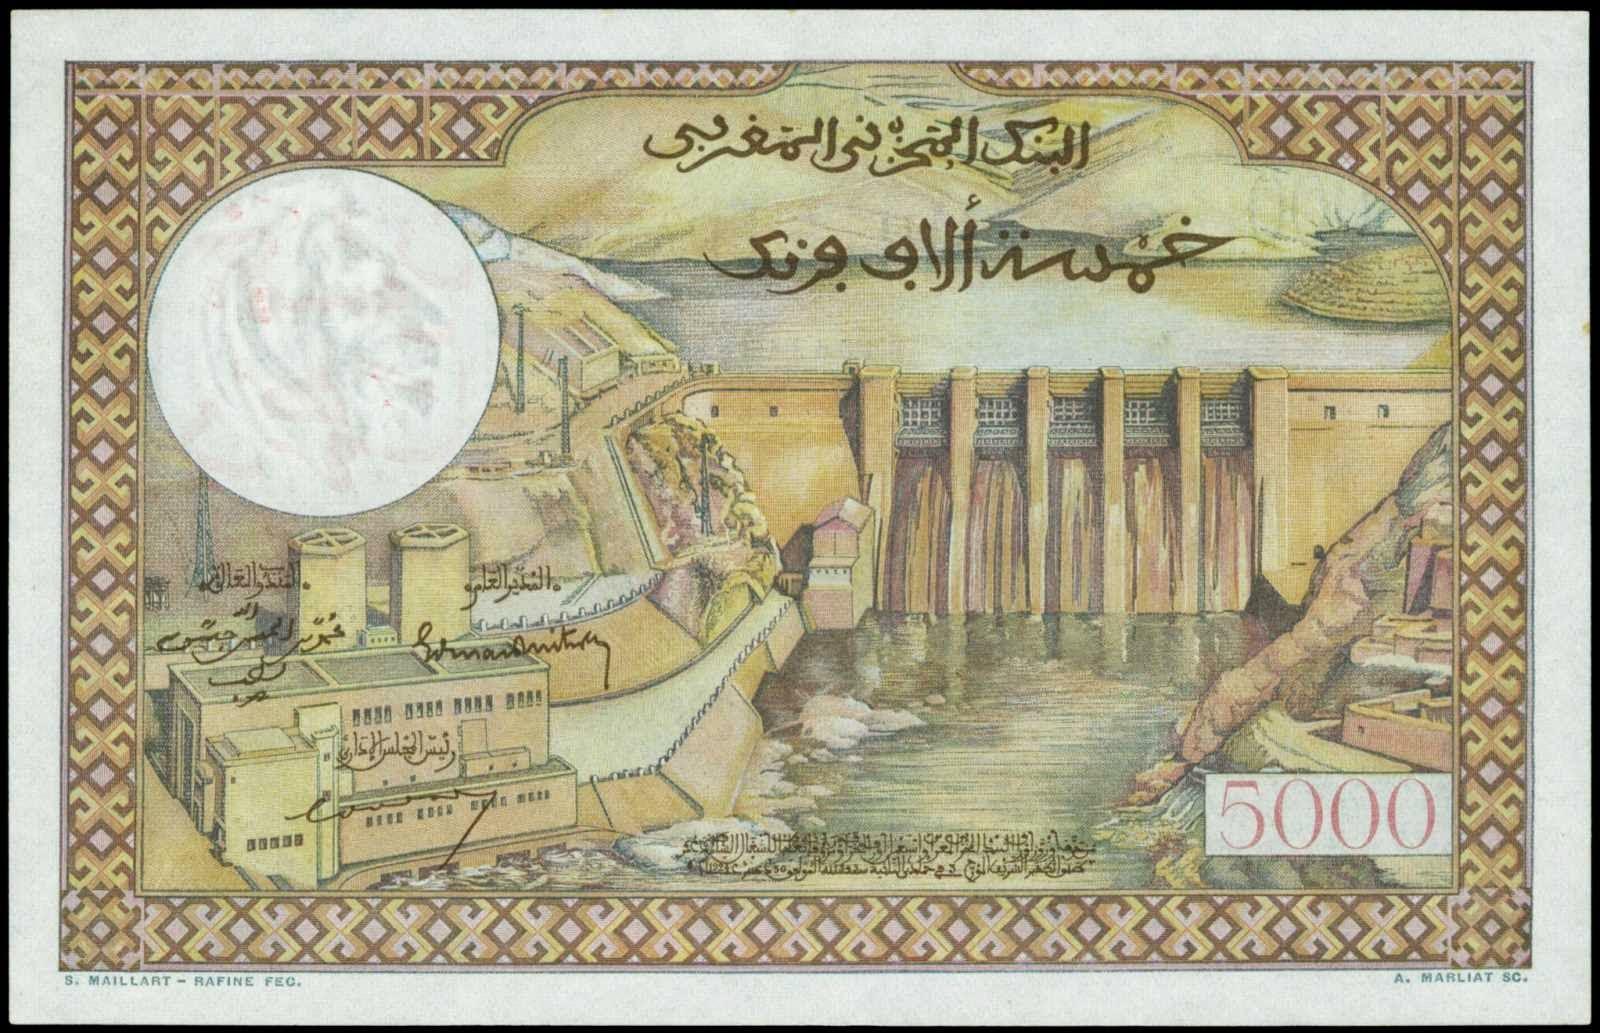 Morocco 50 Dirhams 5000 Francs banknote